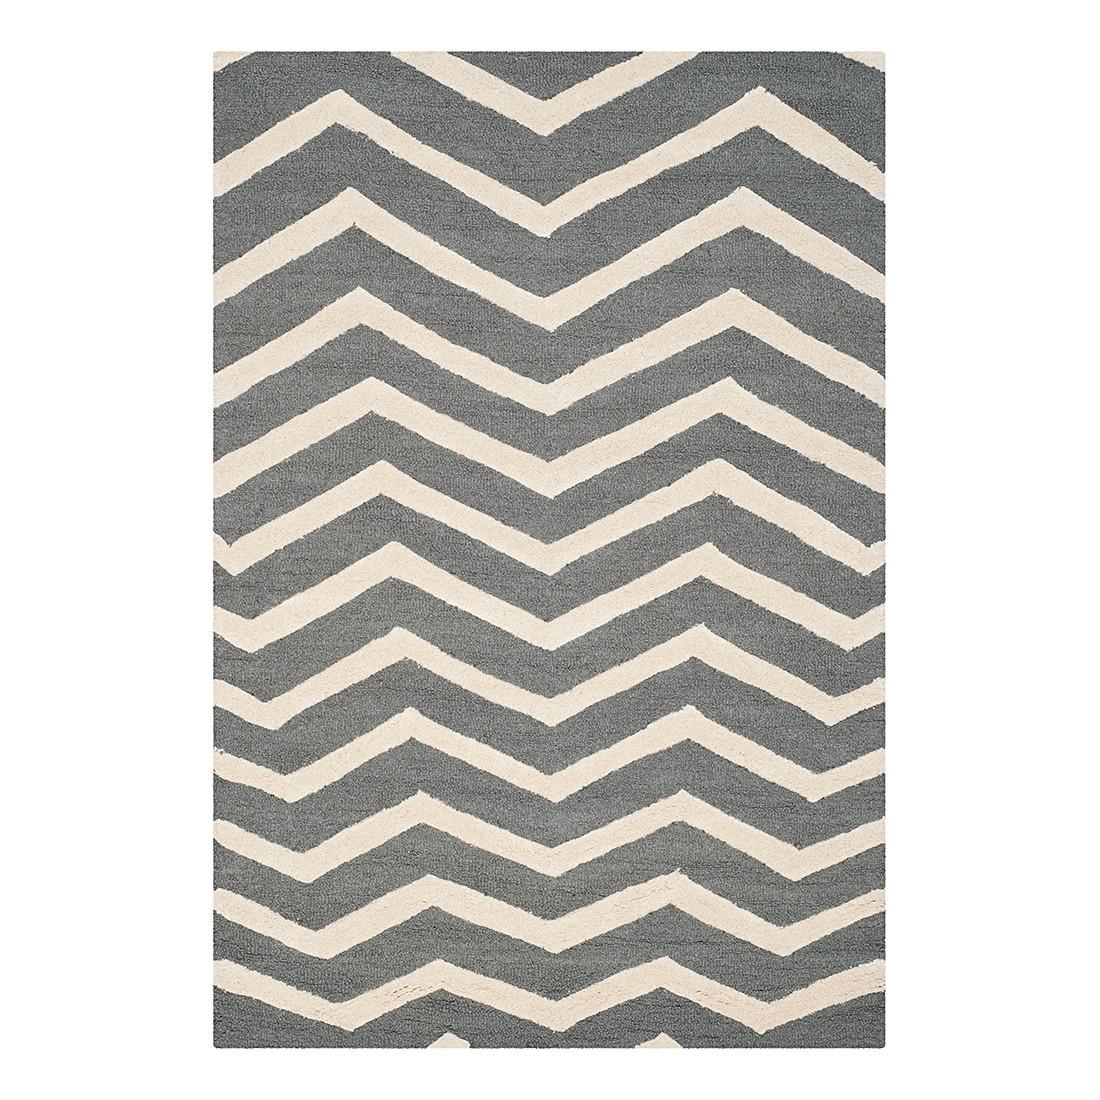 Teppich Edie – Dunkelgrau/Creme – Maße: 182 x 274 cm, Safavieh online bestellen